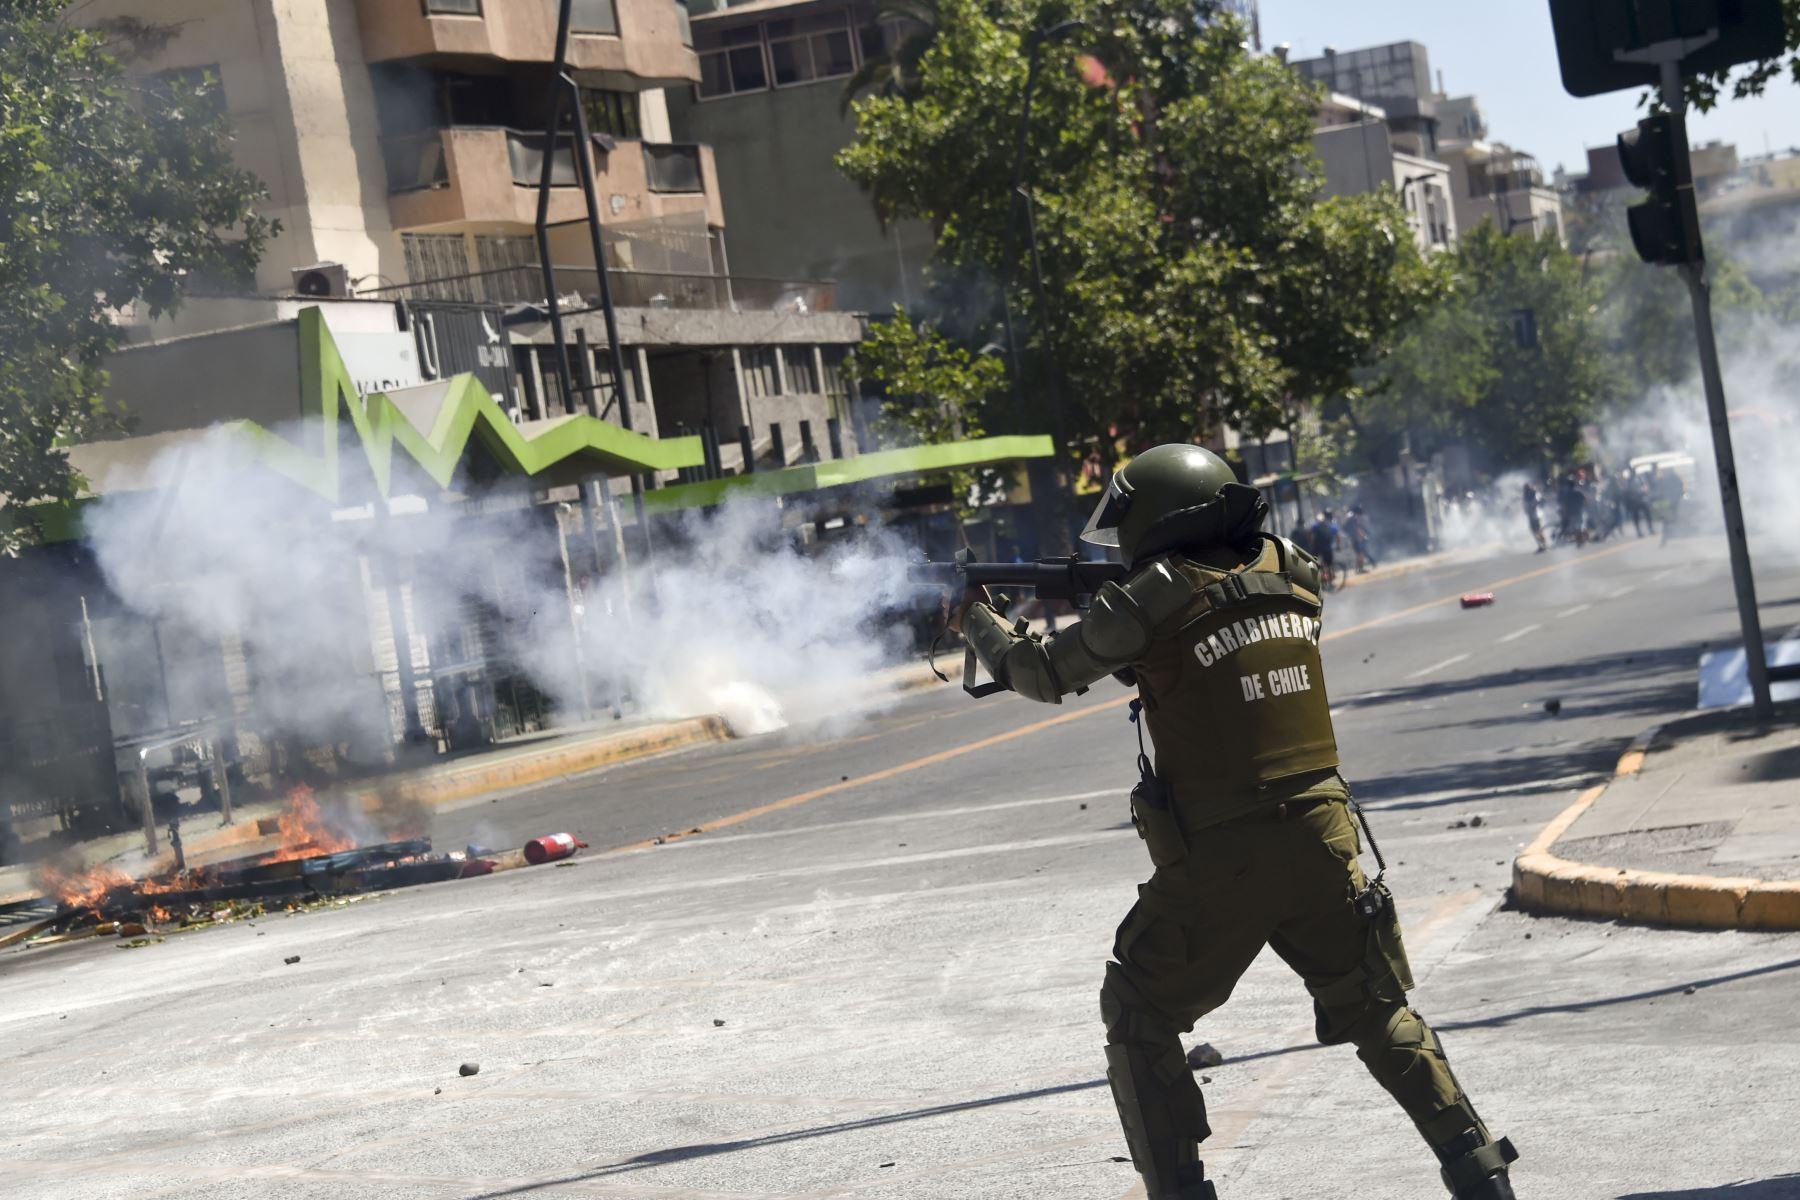 Un miembro de la policía antidisturbios disparó contra los manifestantes durante una protesta contra las políticas económicas del gobierno, cerca del Centro Costanera en Santiago. Foto:AFP